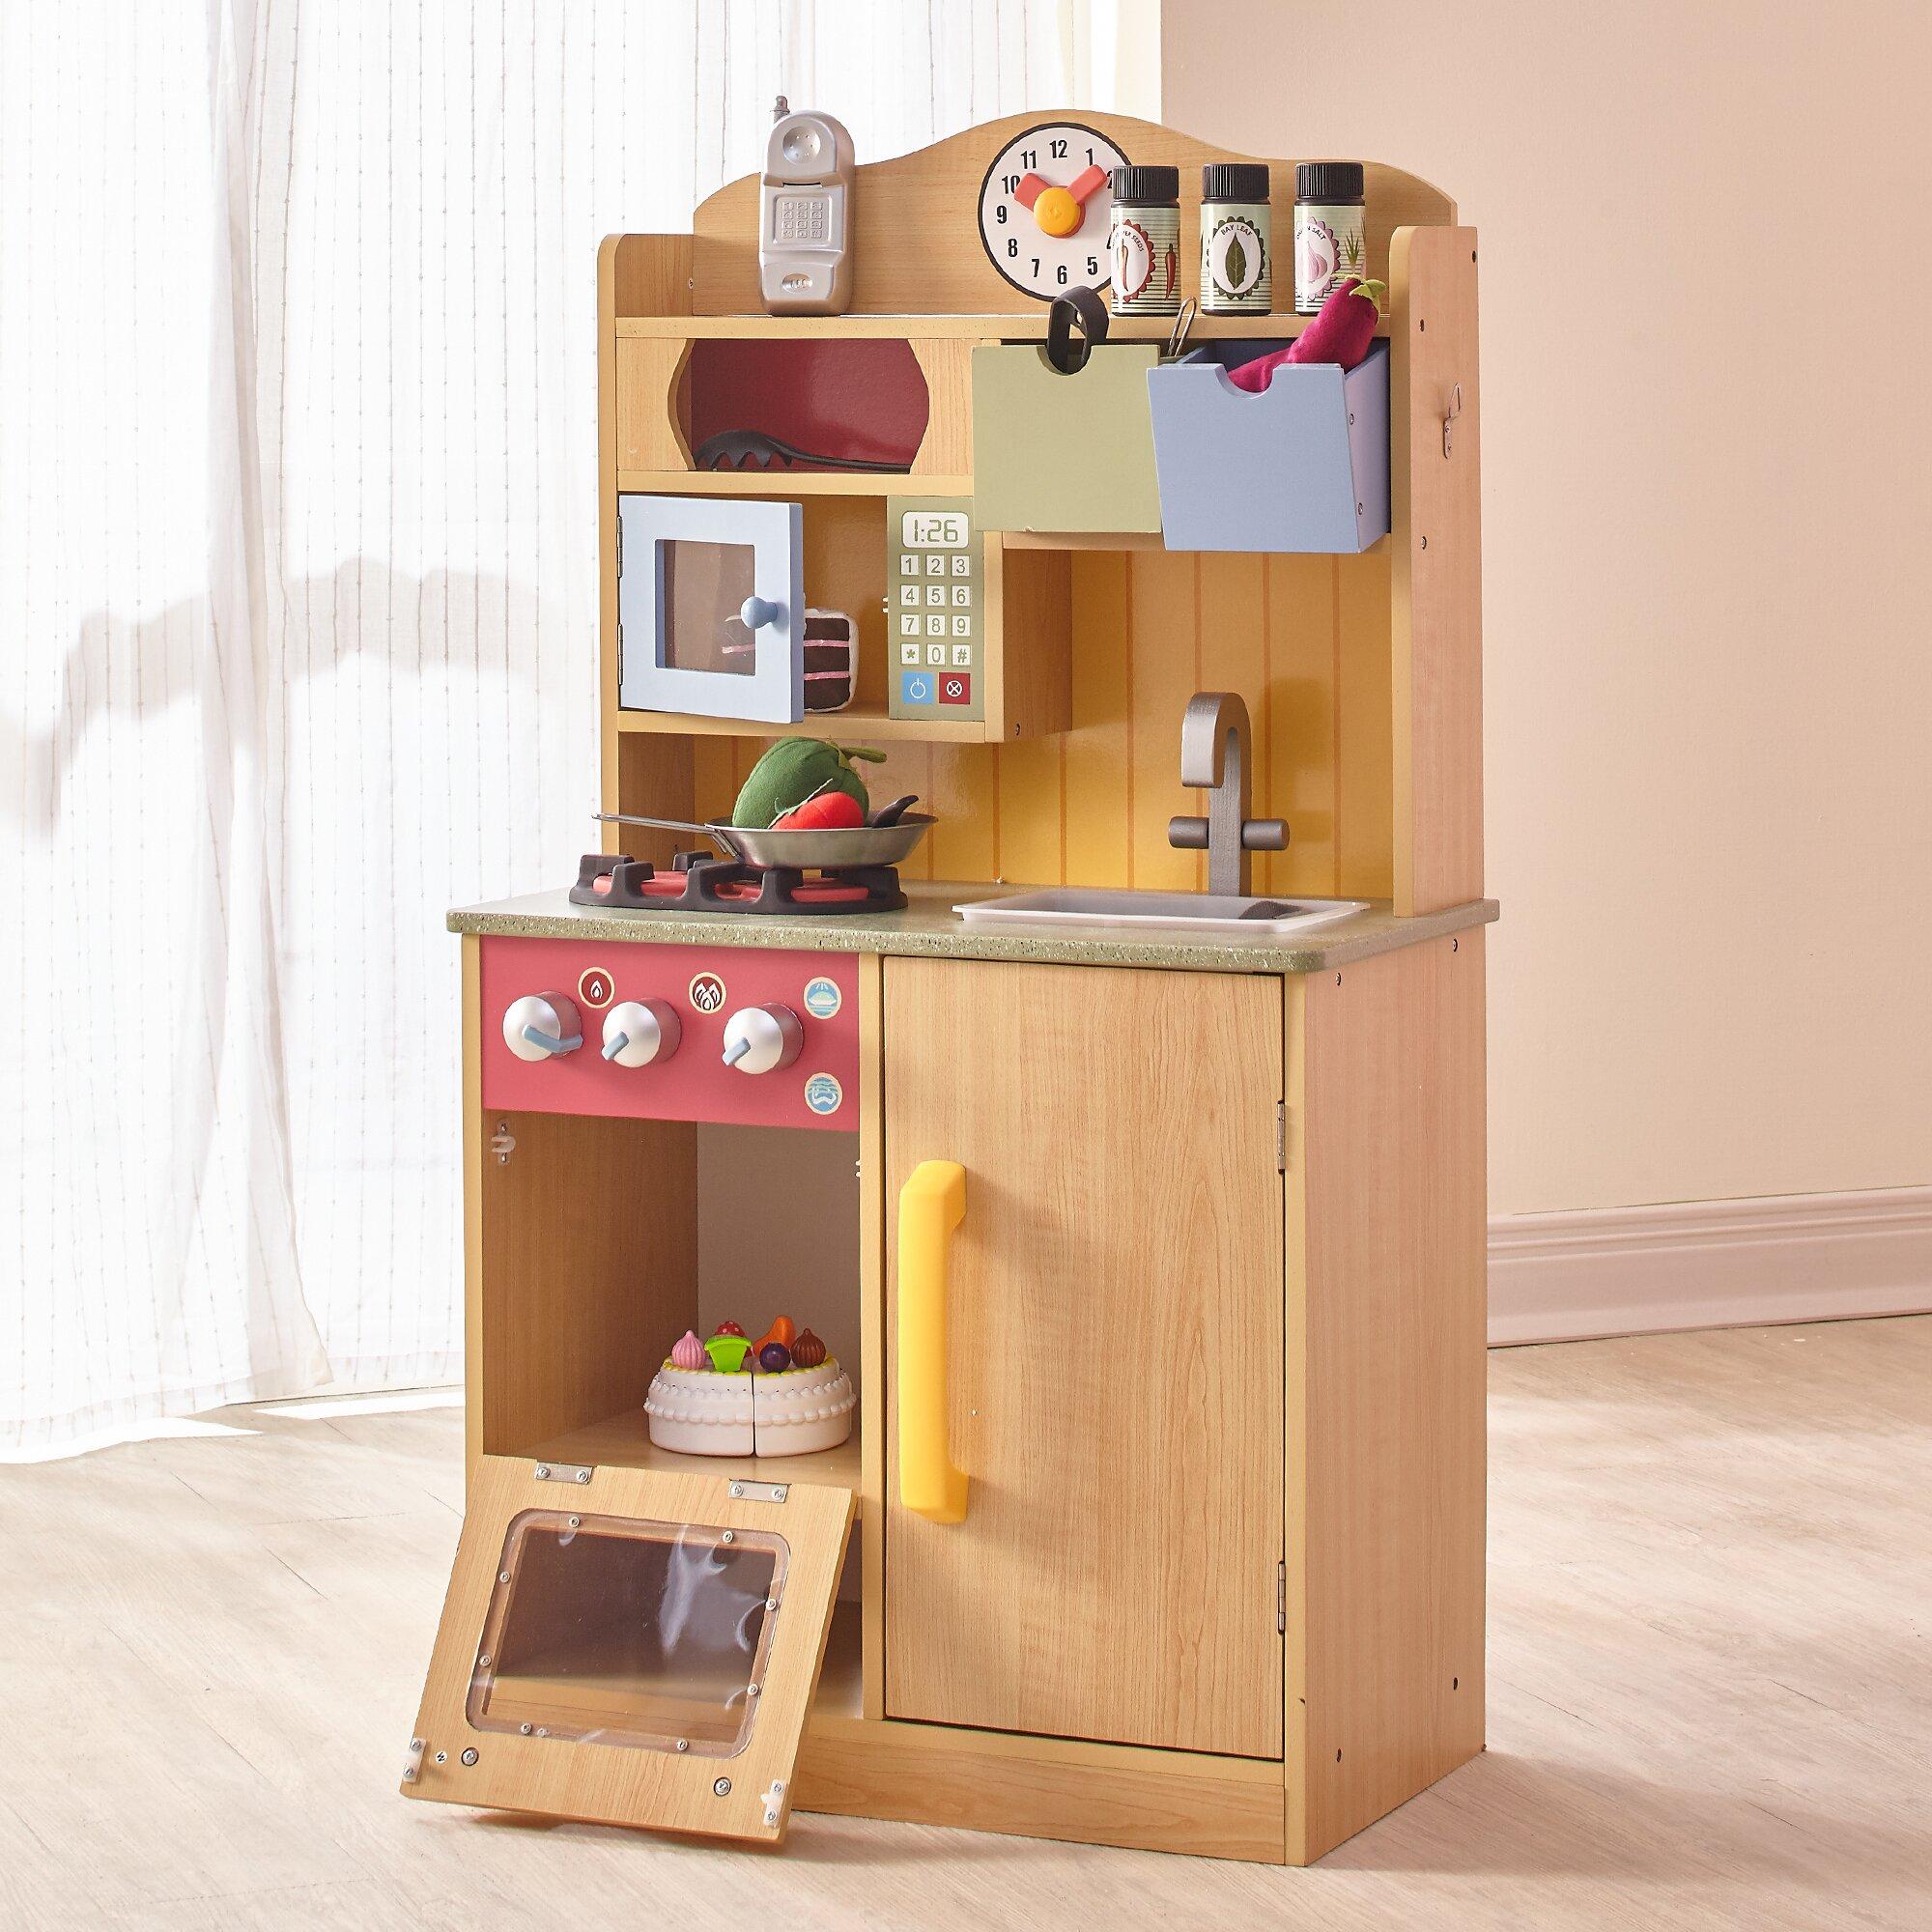 Wooden Kitchen Accessories ~ Teamson kids little chef wooden play kitchen with